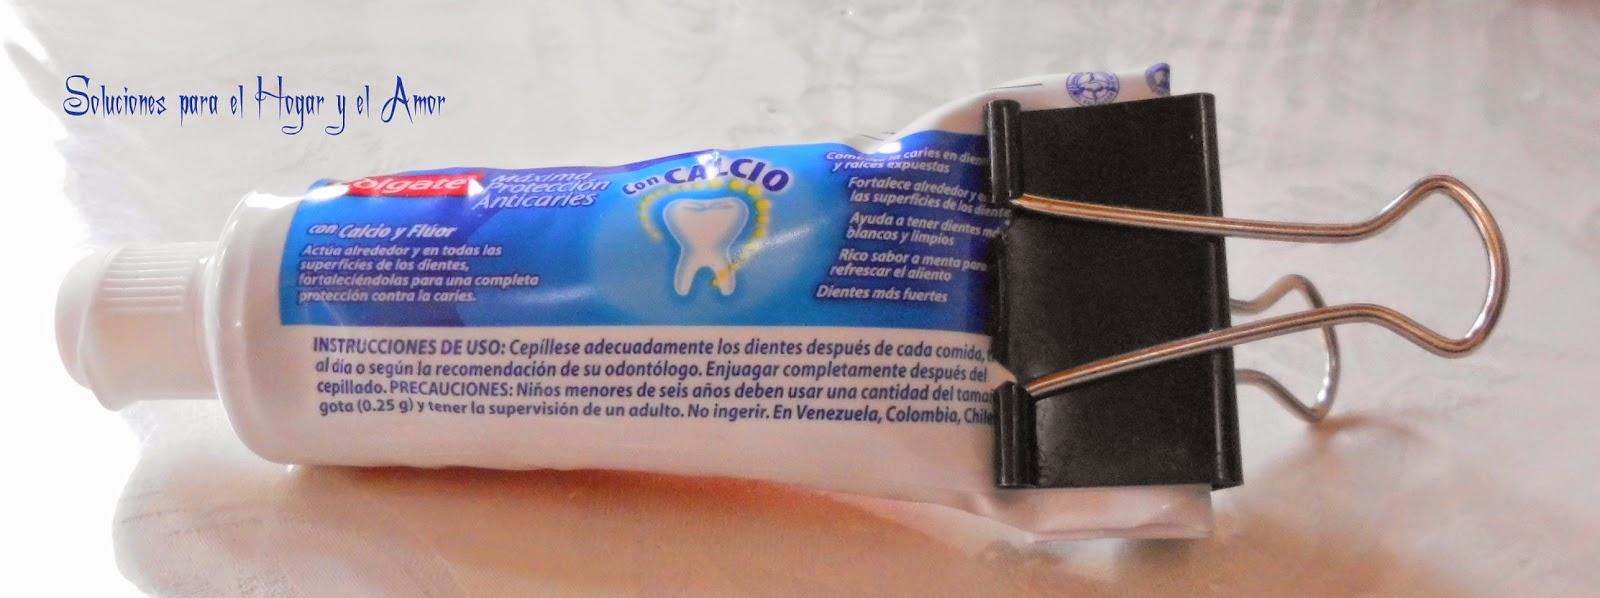 Como Sacar toda la Pasta del Tubo, pasta de dientes, ahorrar pasta